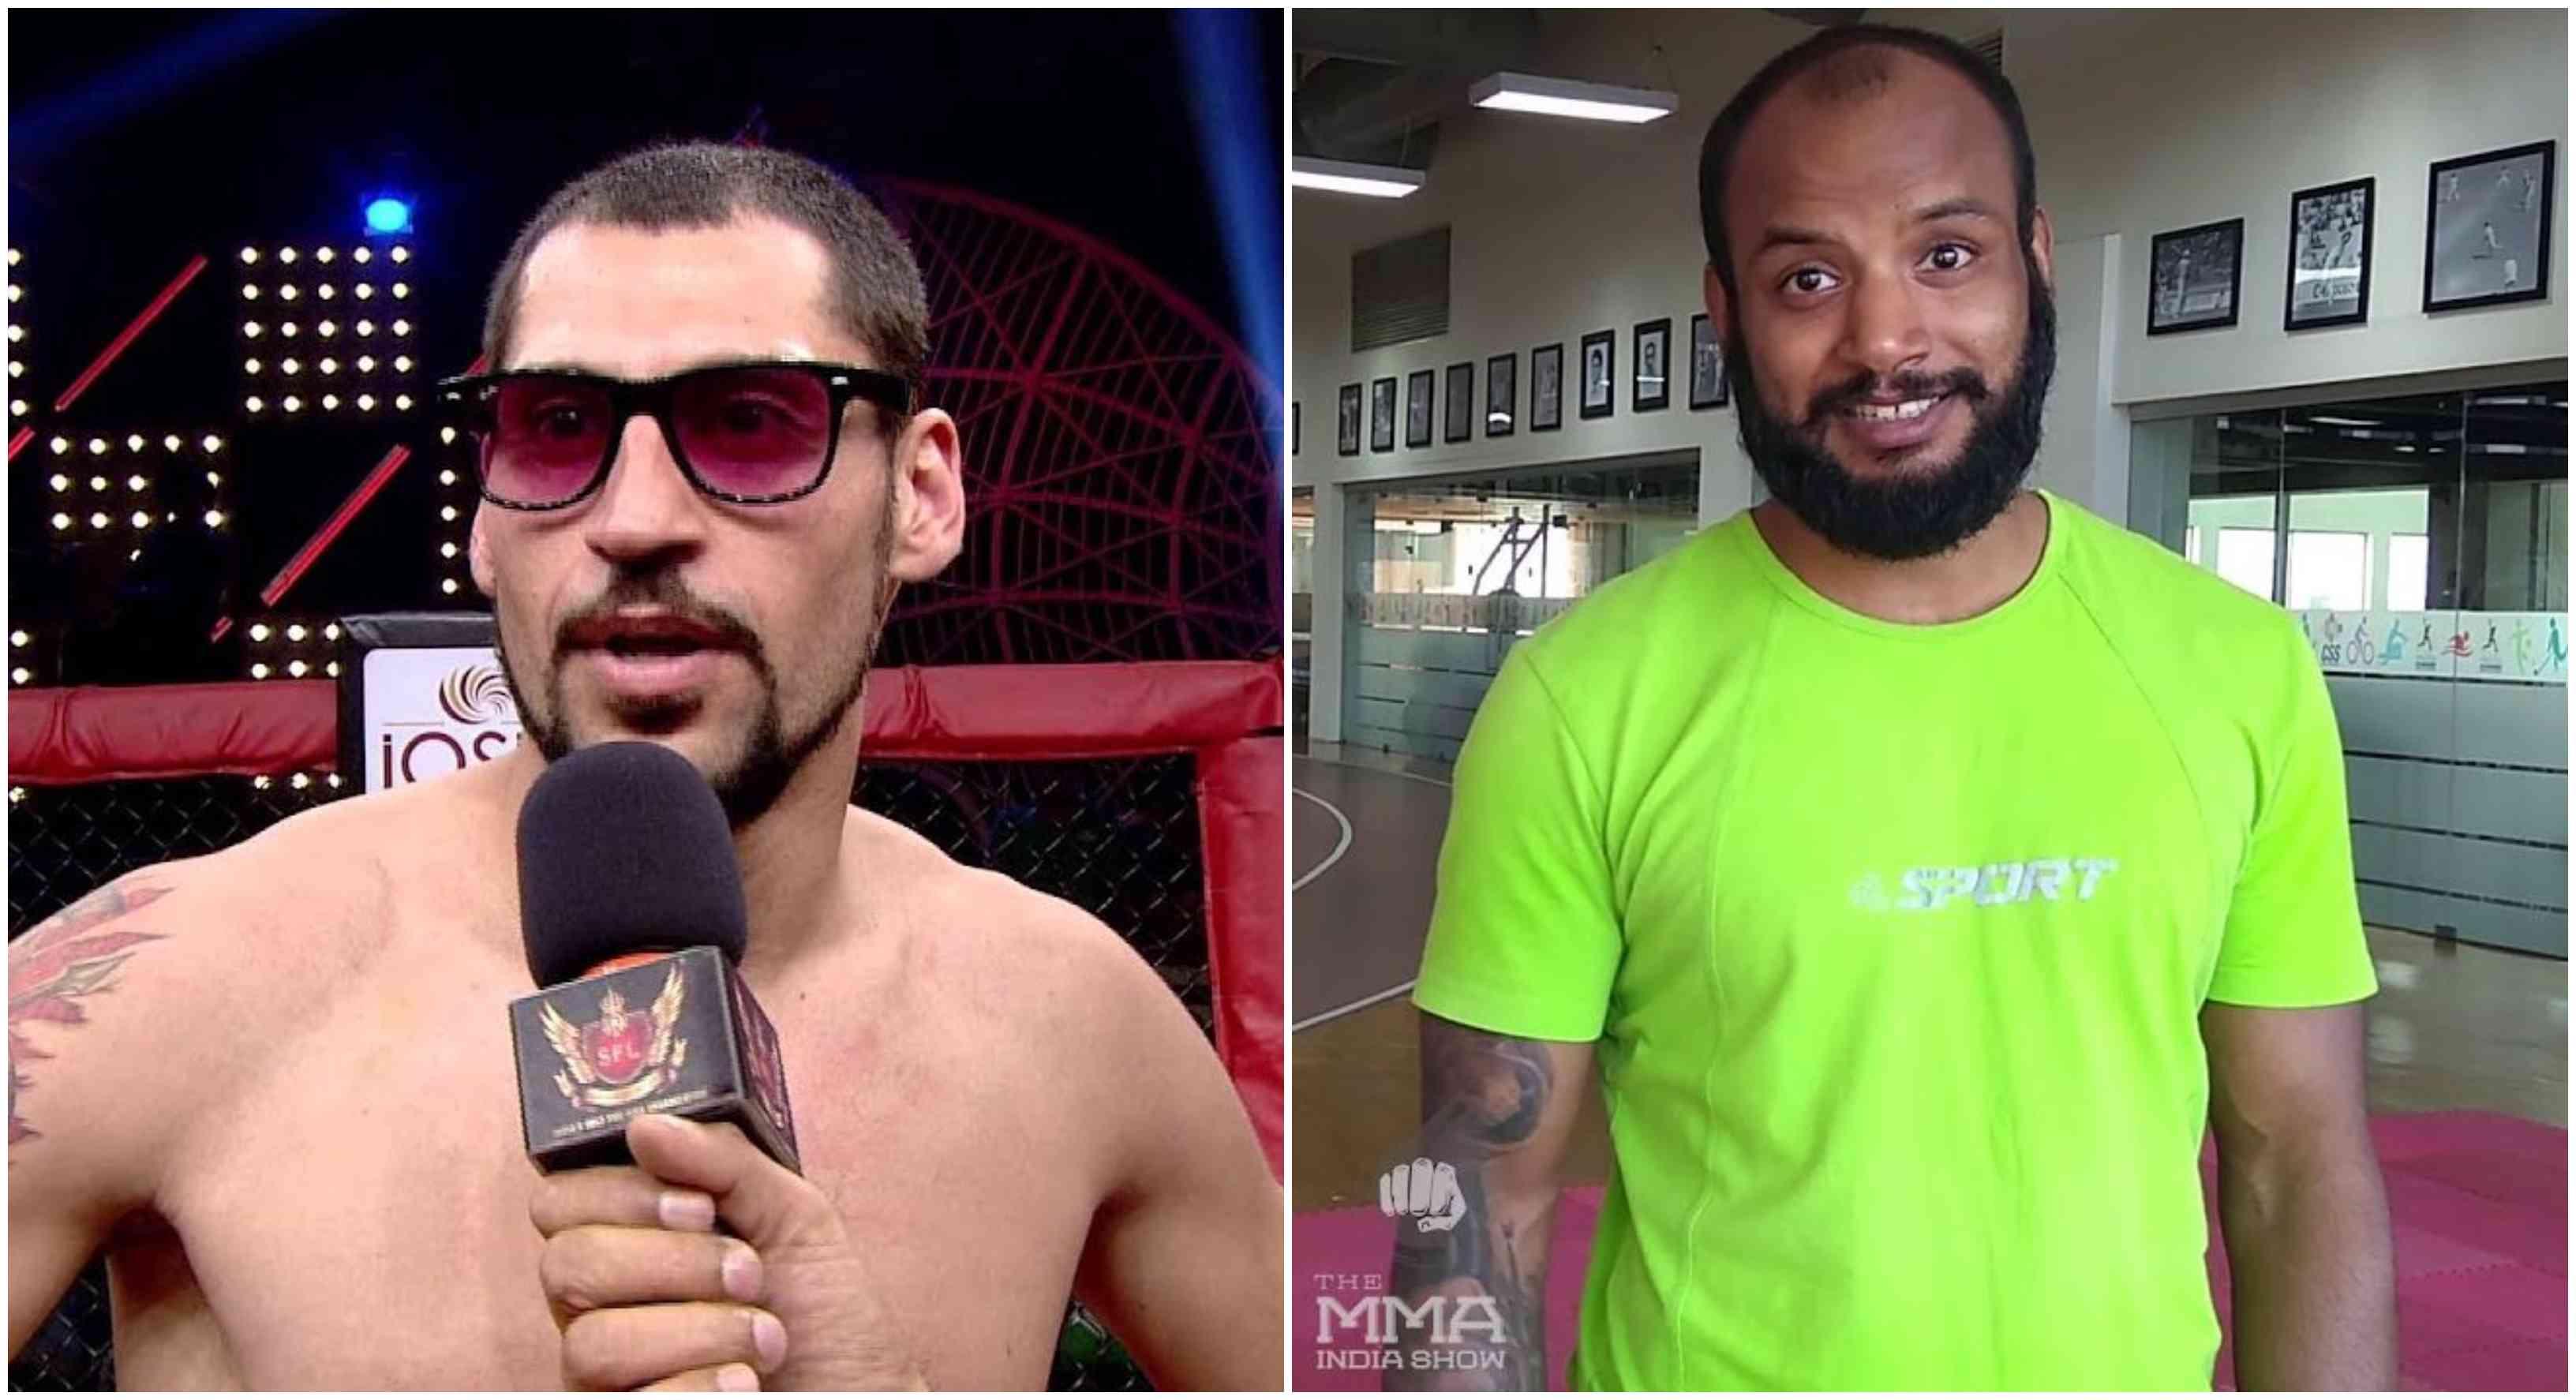 BREAKING: Jason Solomon vs. Srikant Sekhar official for Matrix Fight Night on June 29 - Solomon